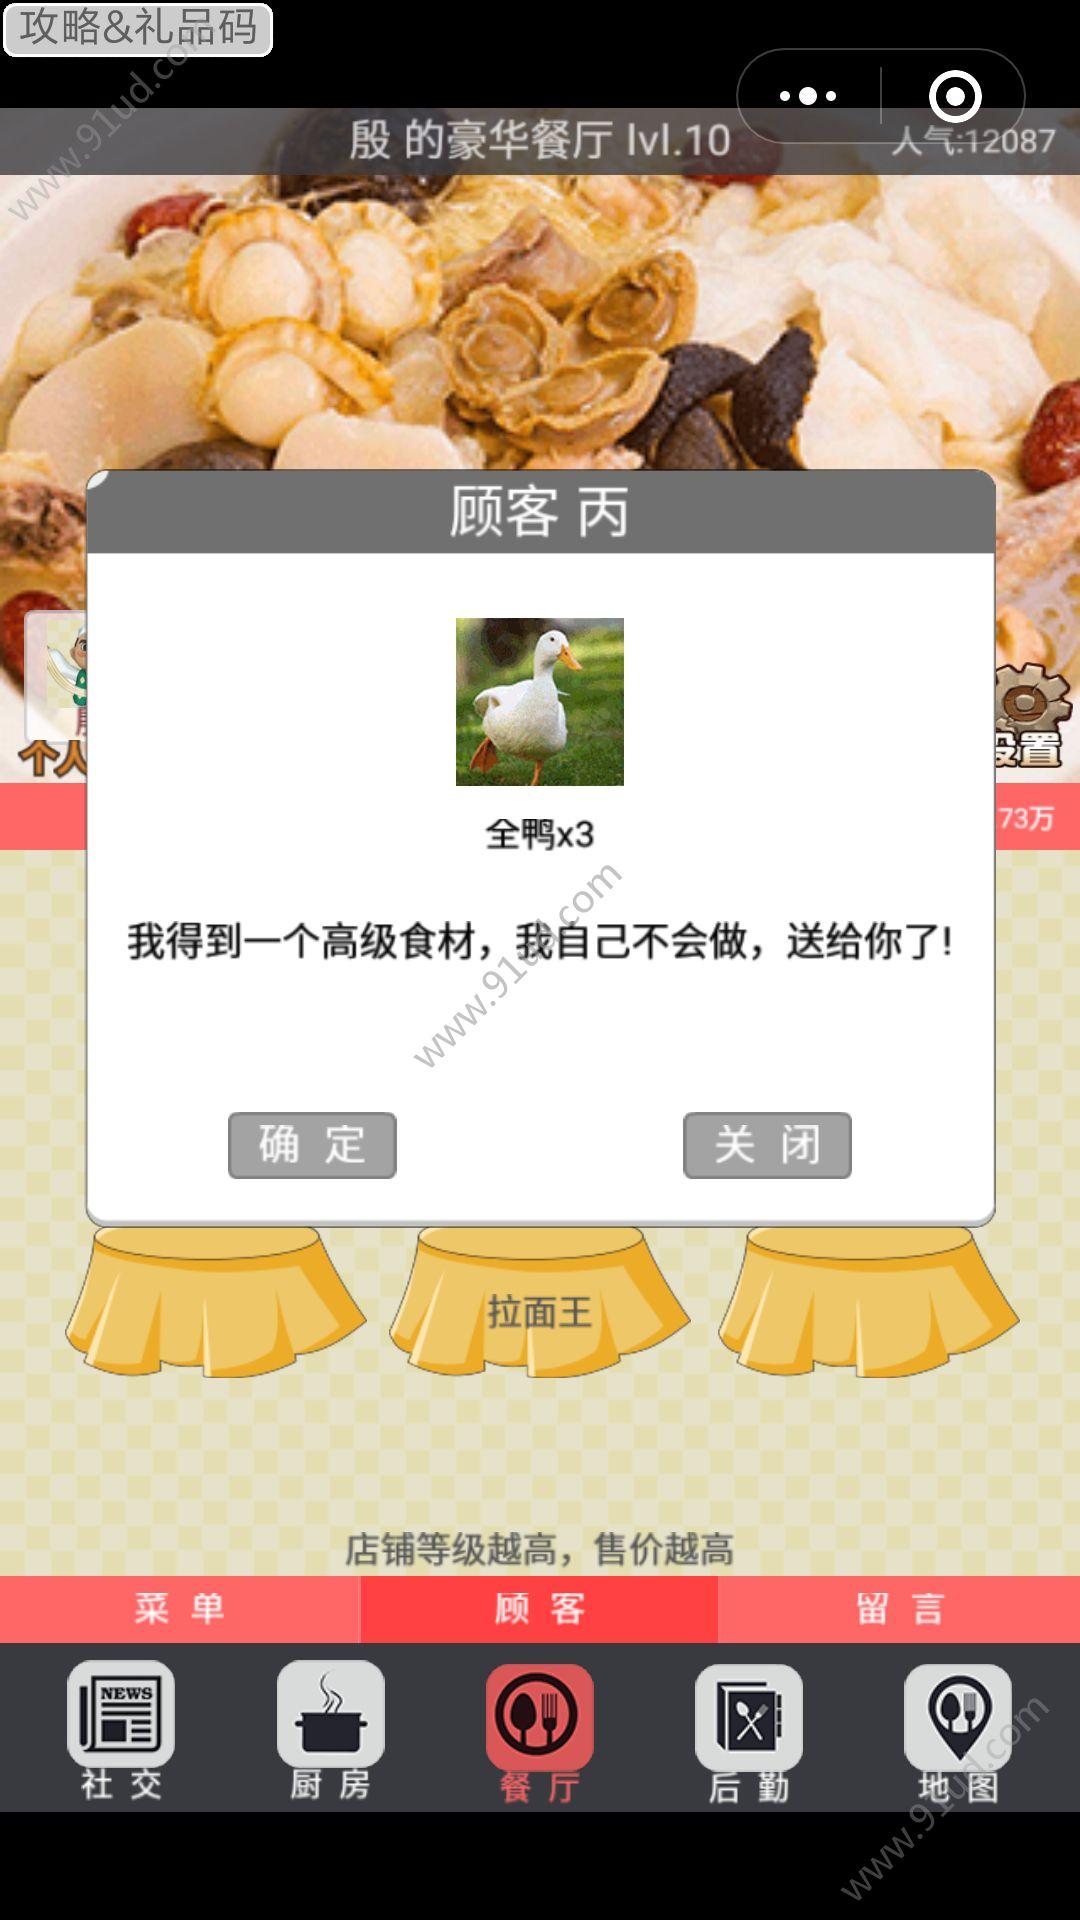 中华美食家小程序截图